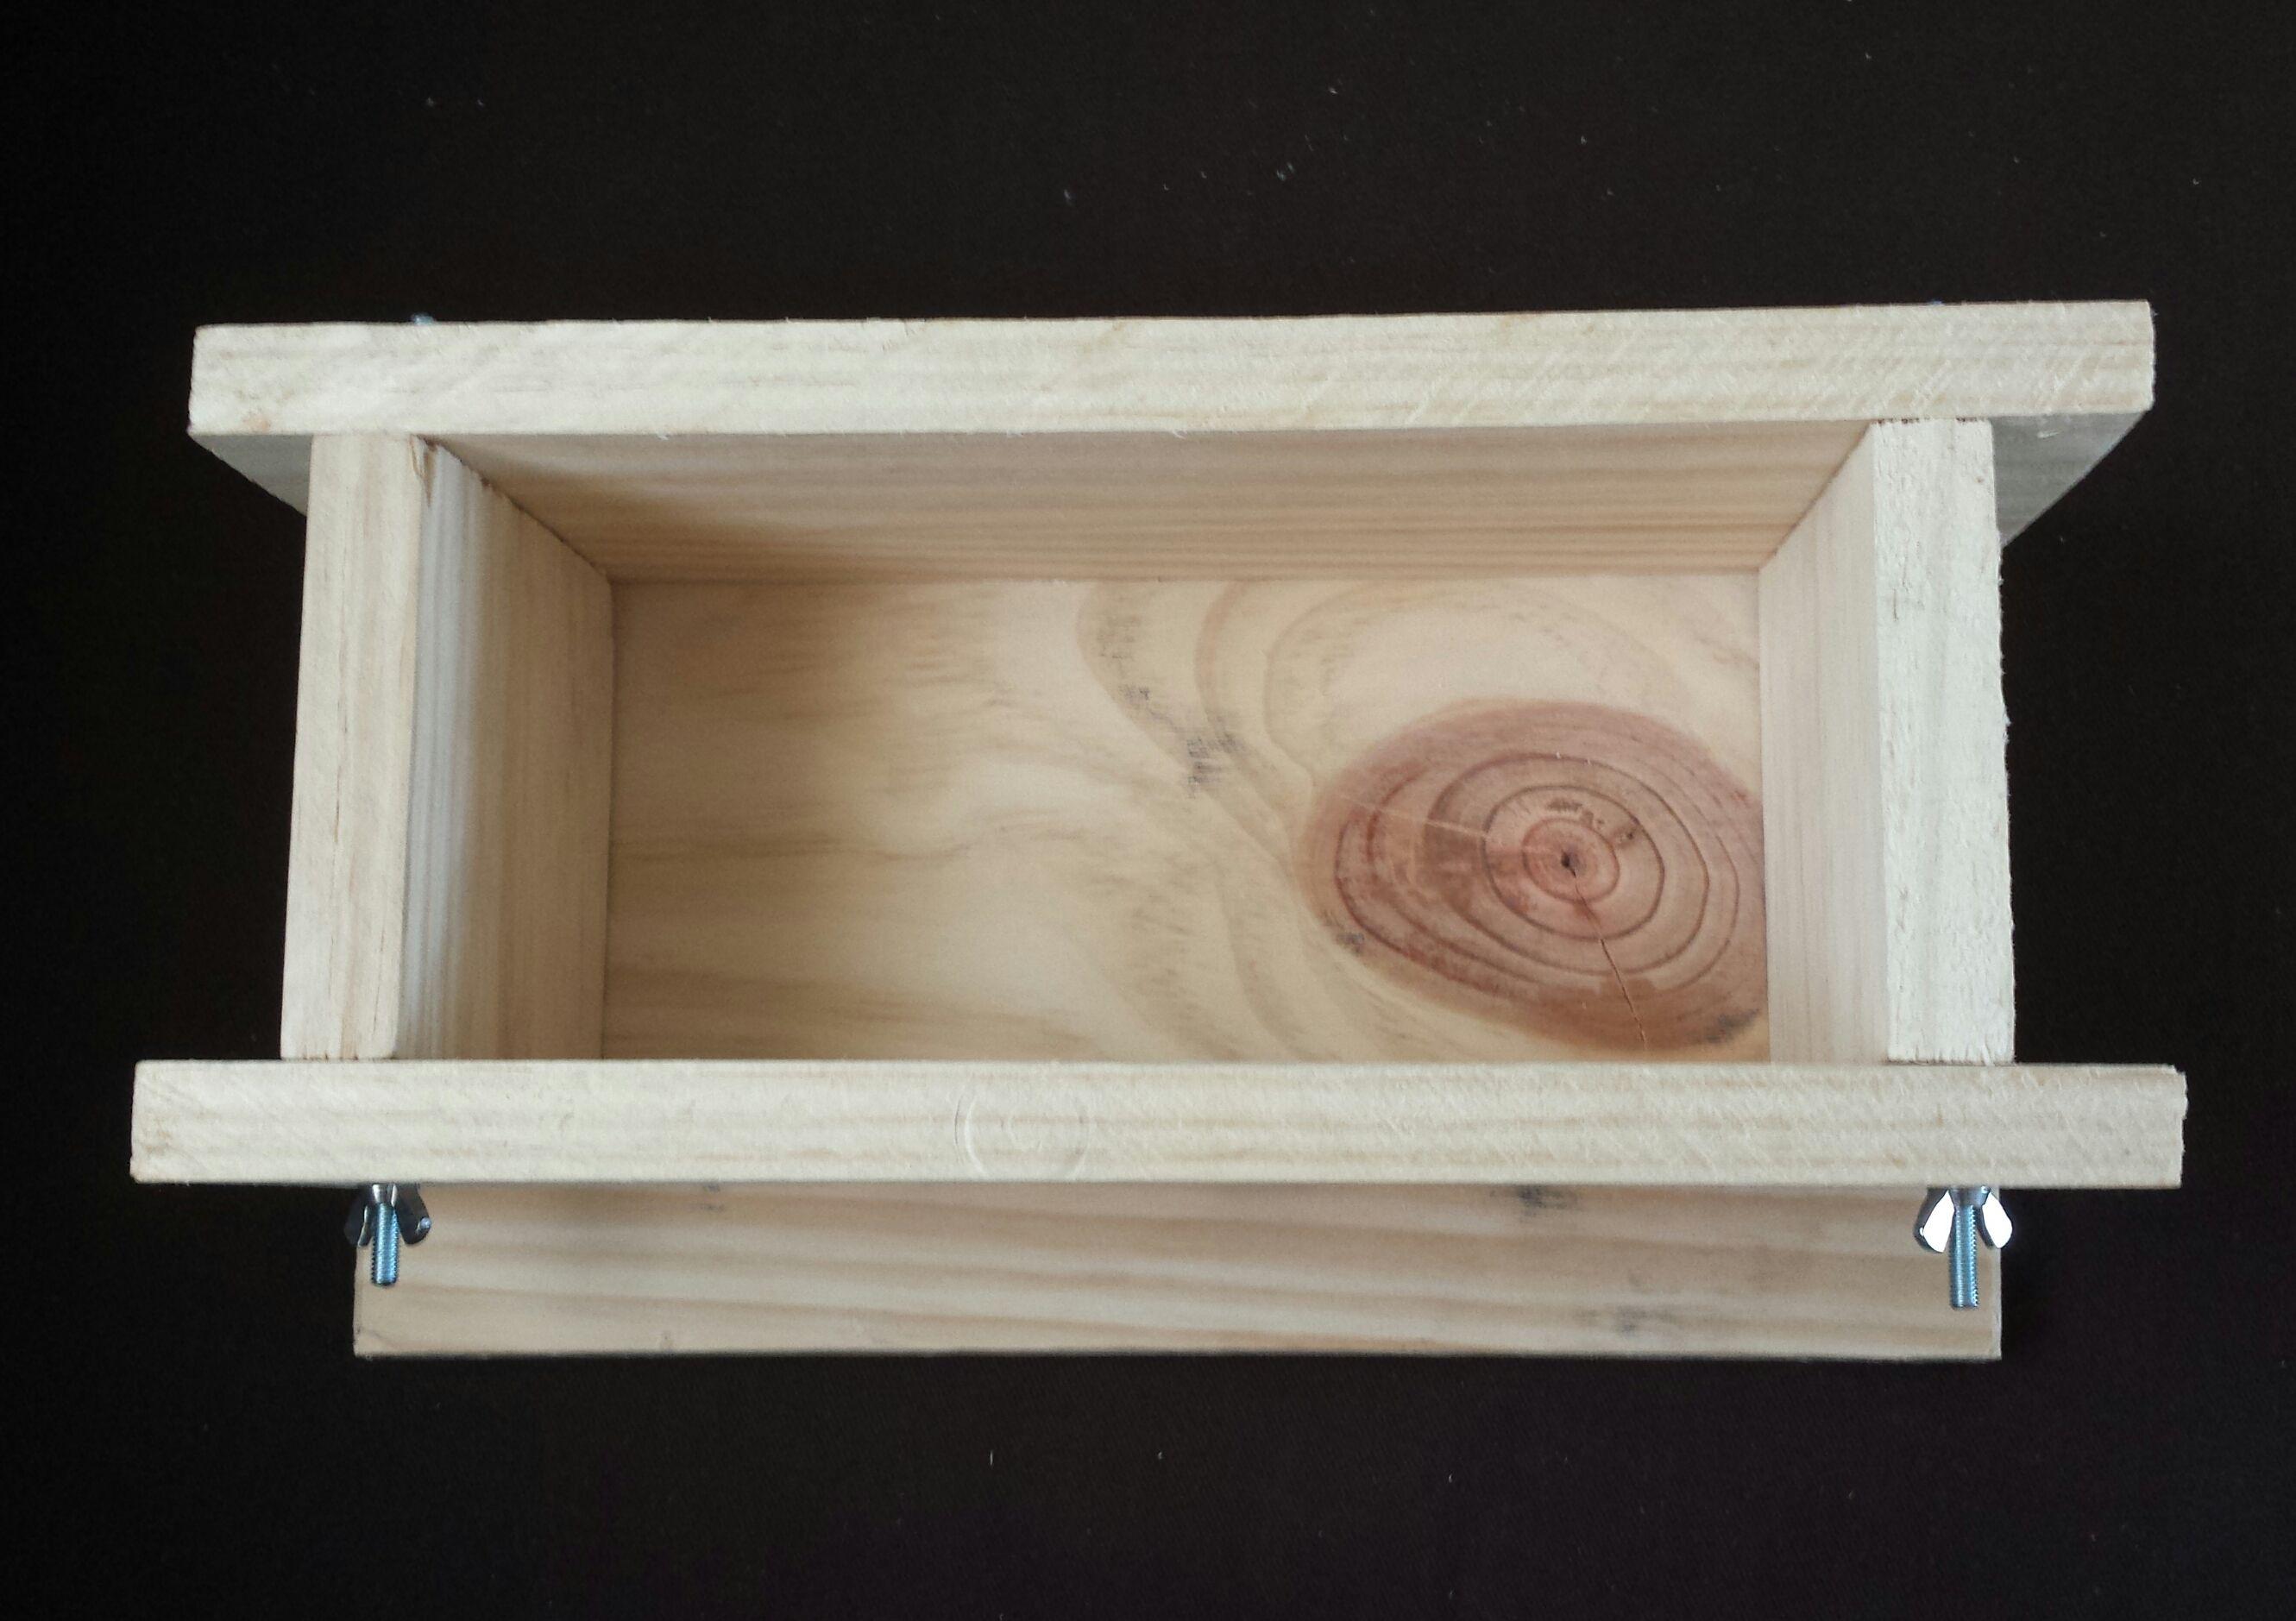 fabriquer un moule savon en bois tuto. Black Bedroom Furniture Sets. Home Design Ideas